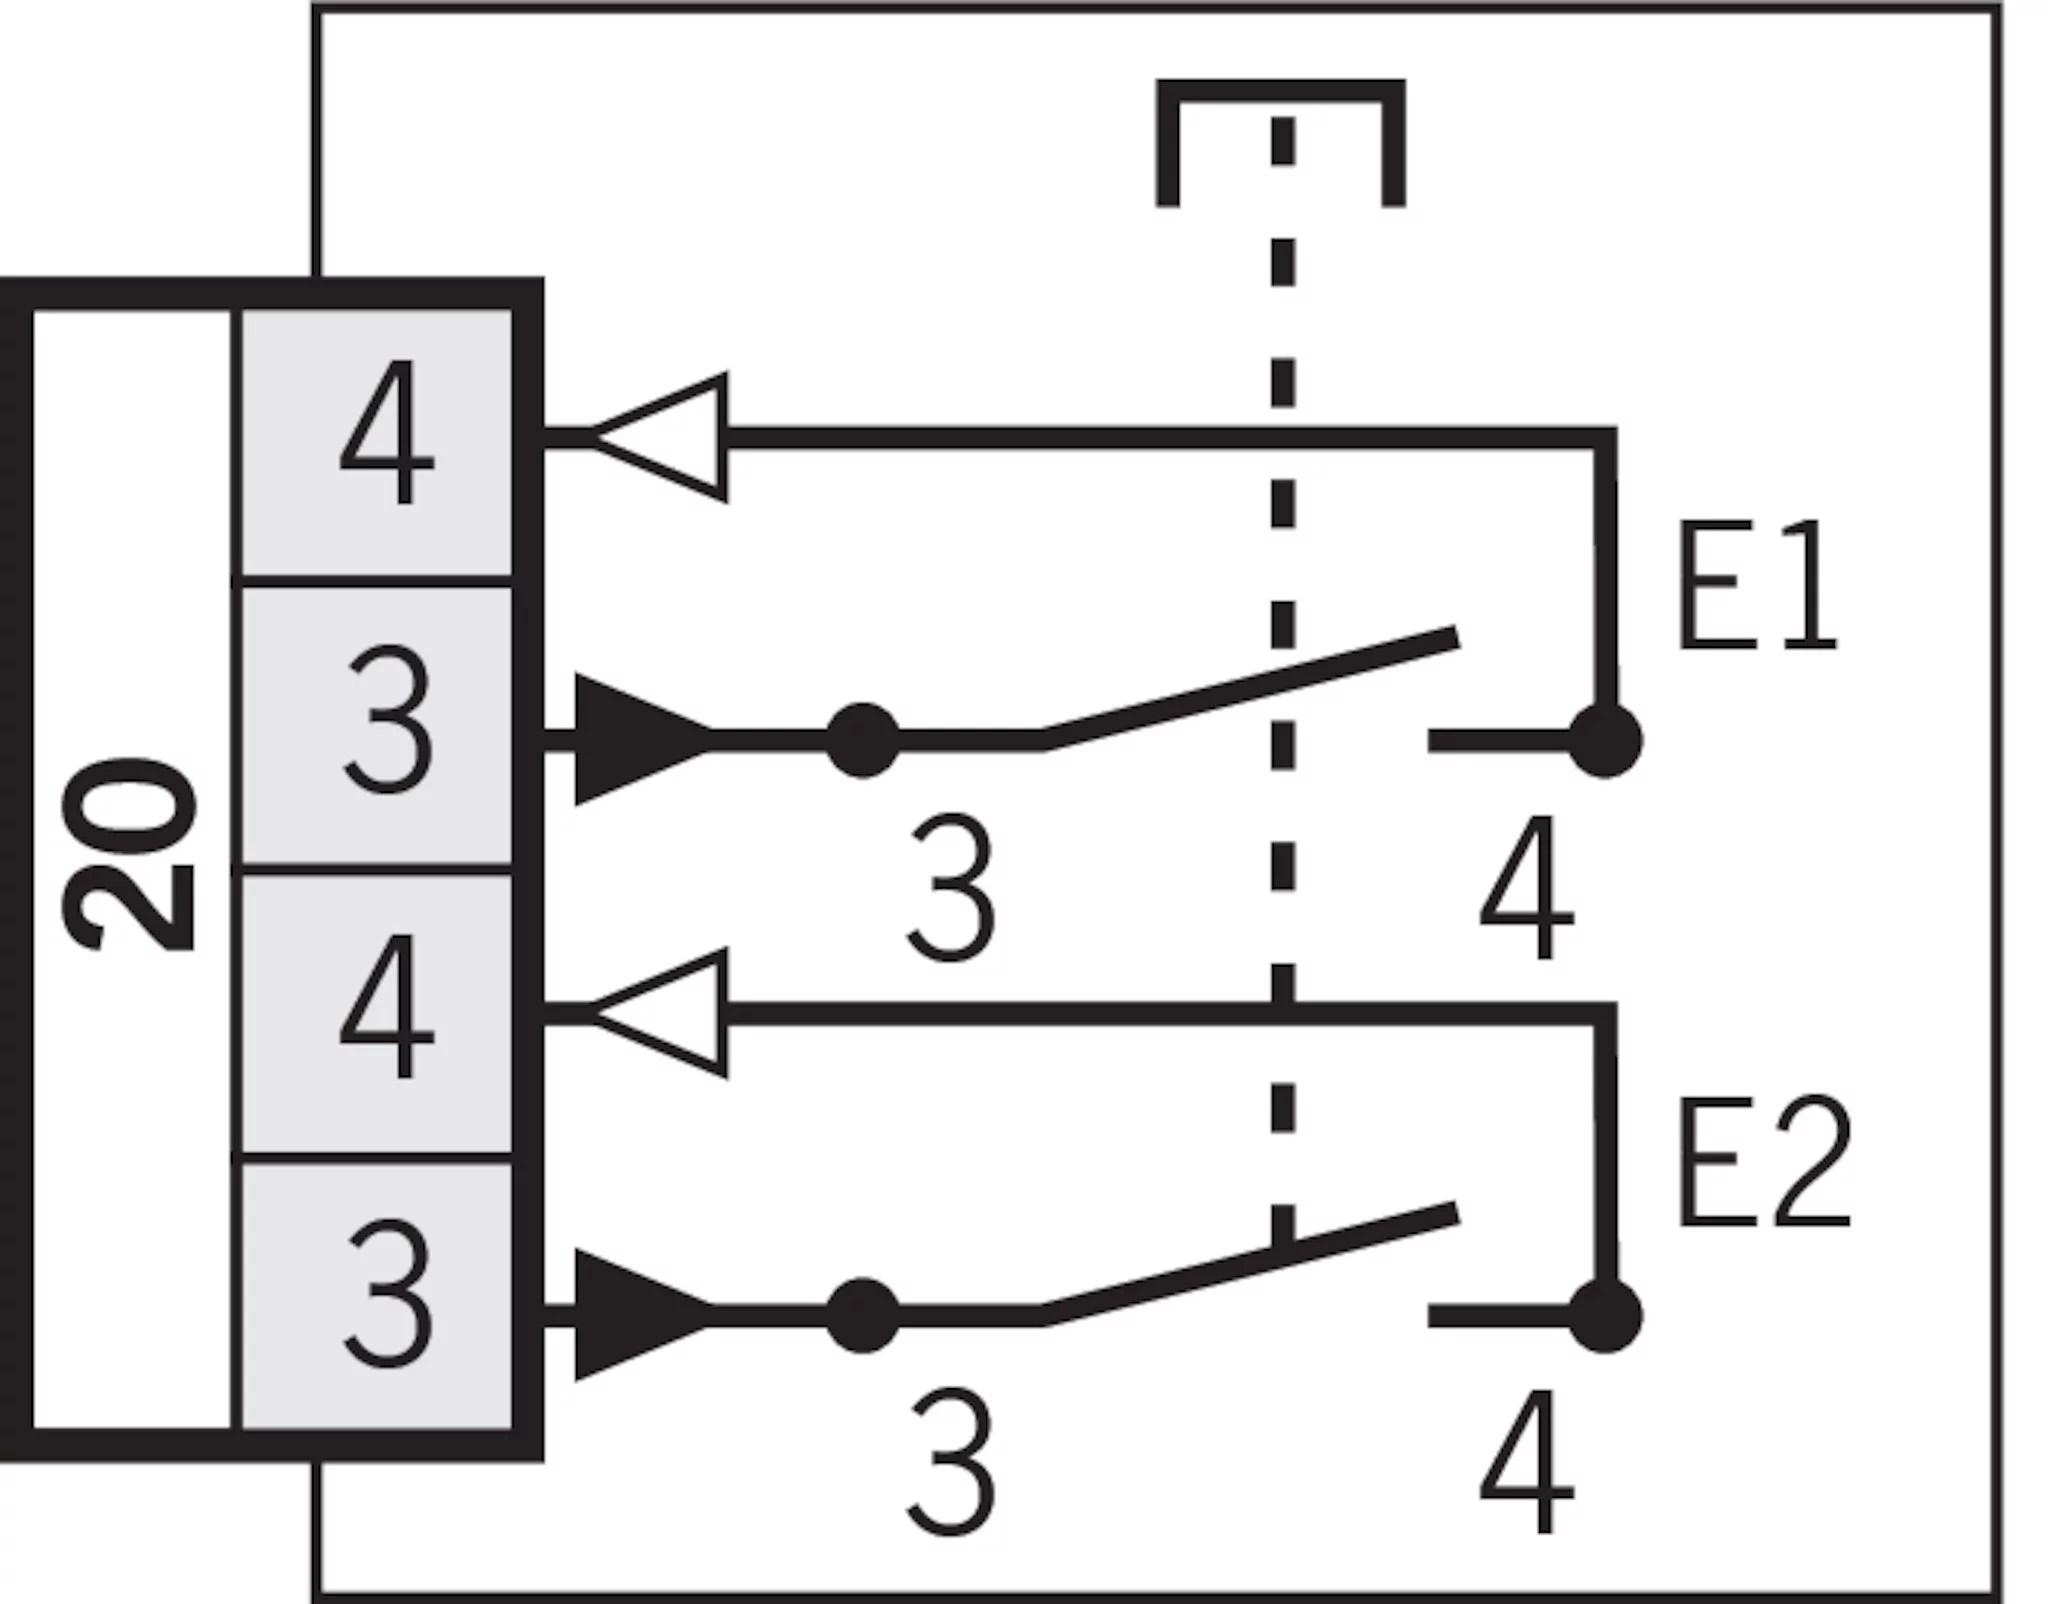 Zsg1 2 Zsg 2 Stage